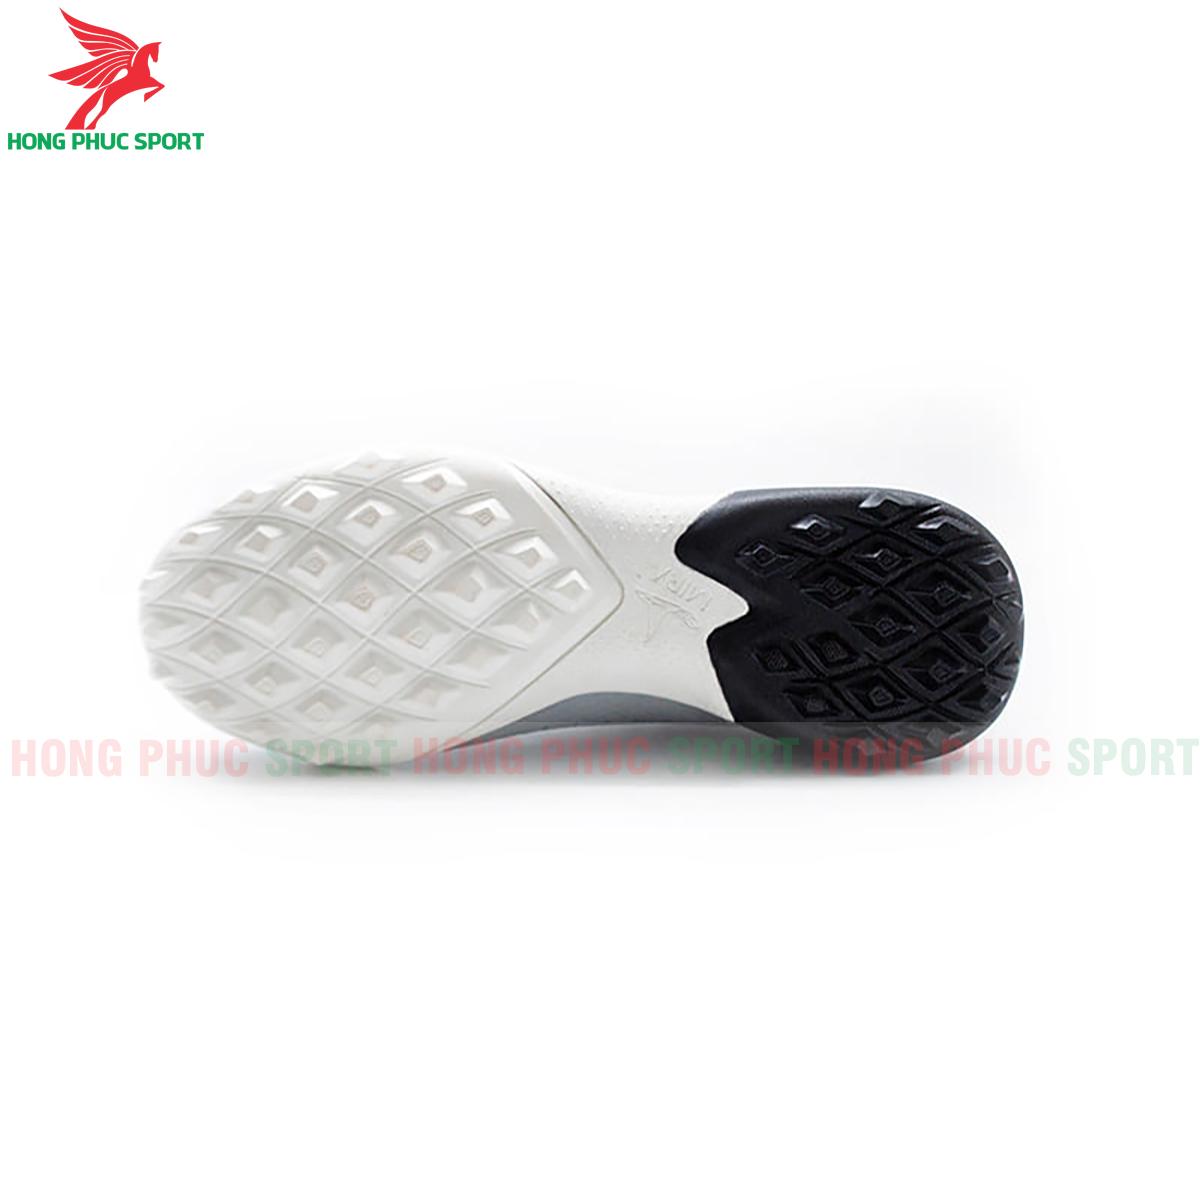 Giày Mira Lux 20.3 sân cỏ nhân tạo bạc phối đen (đế)